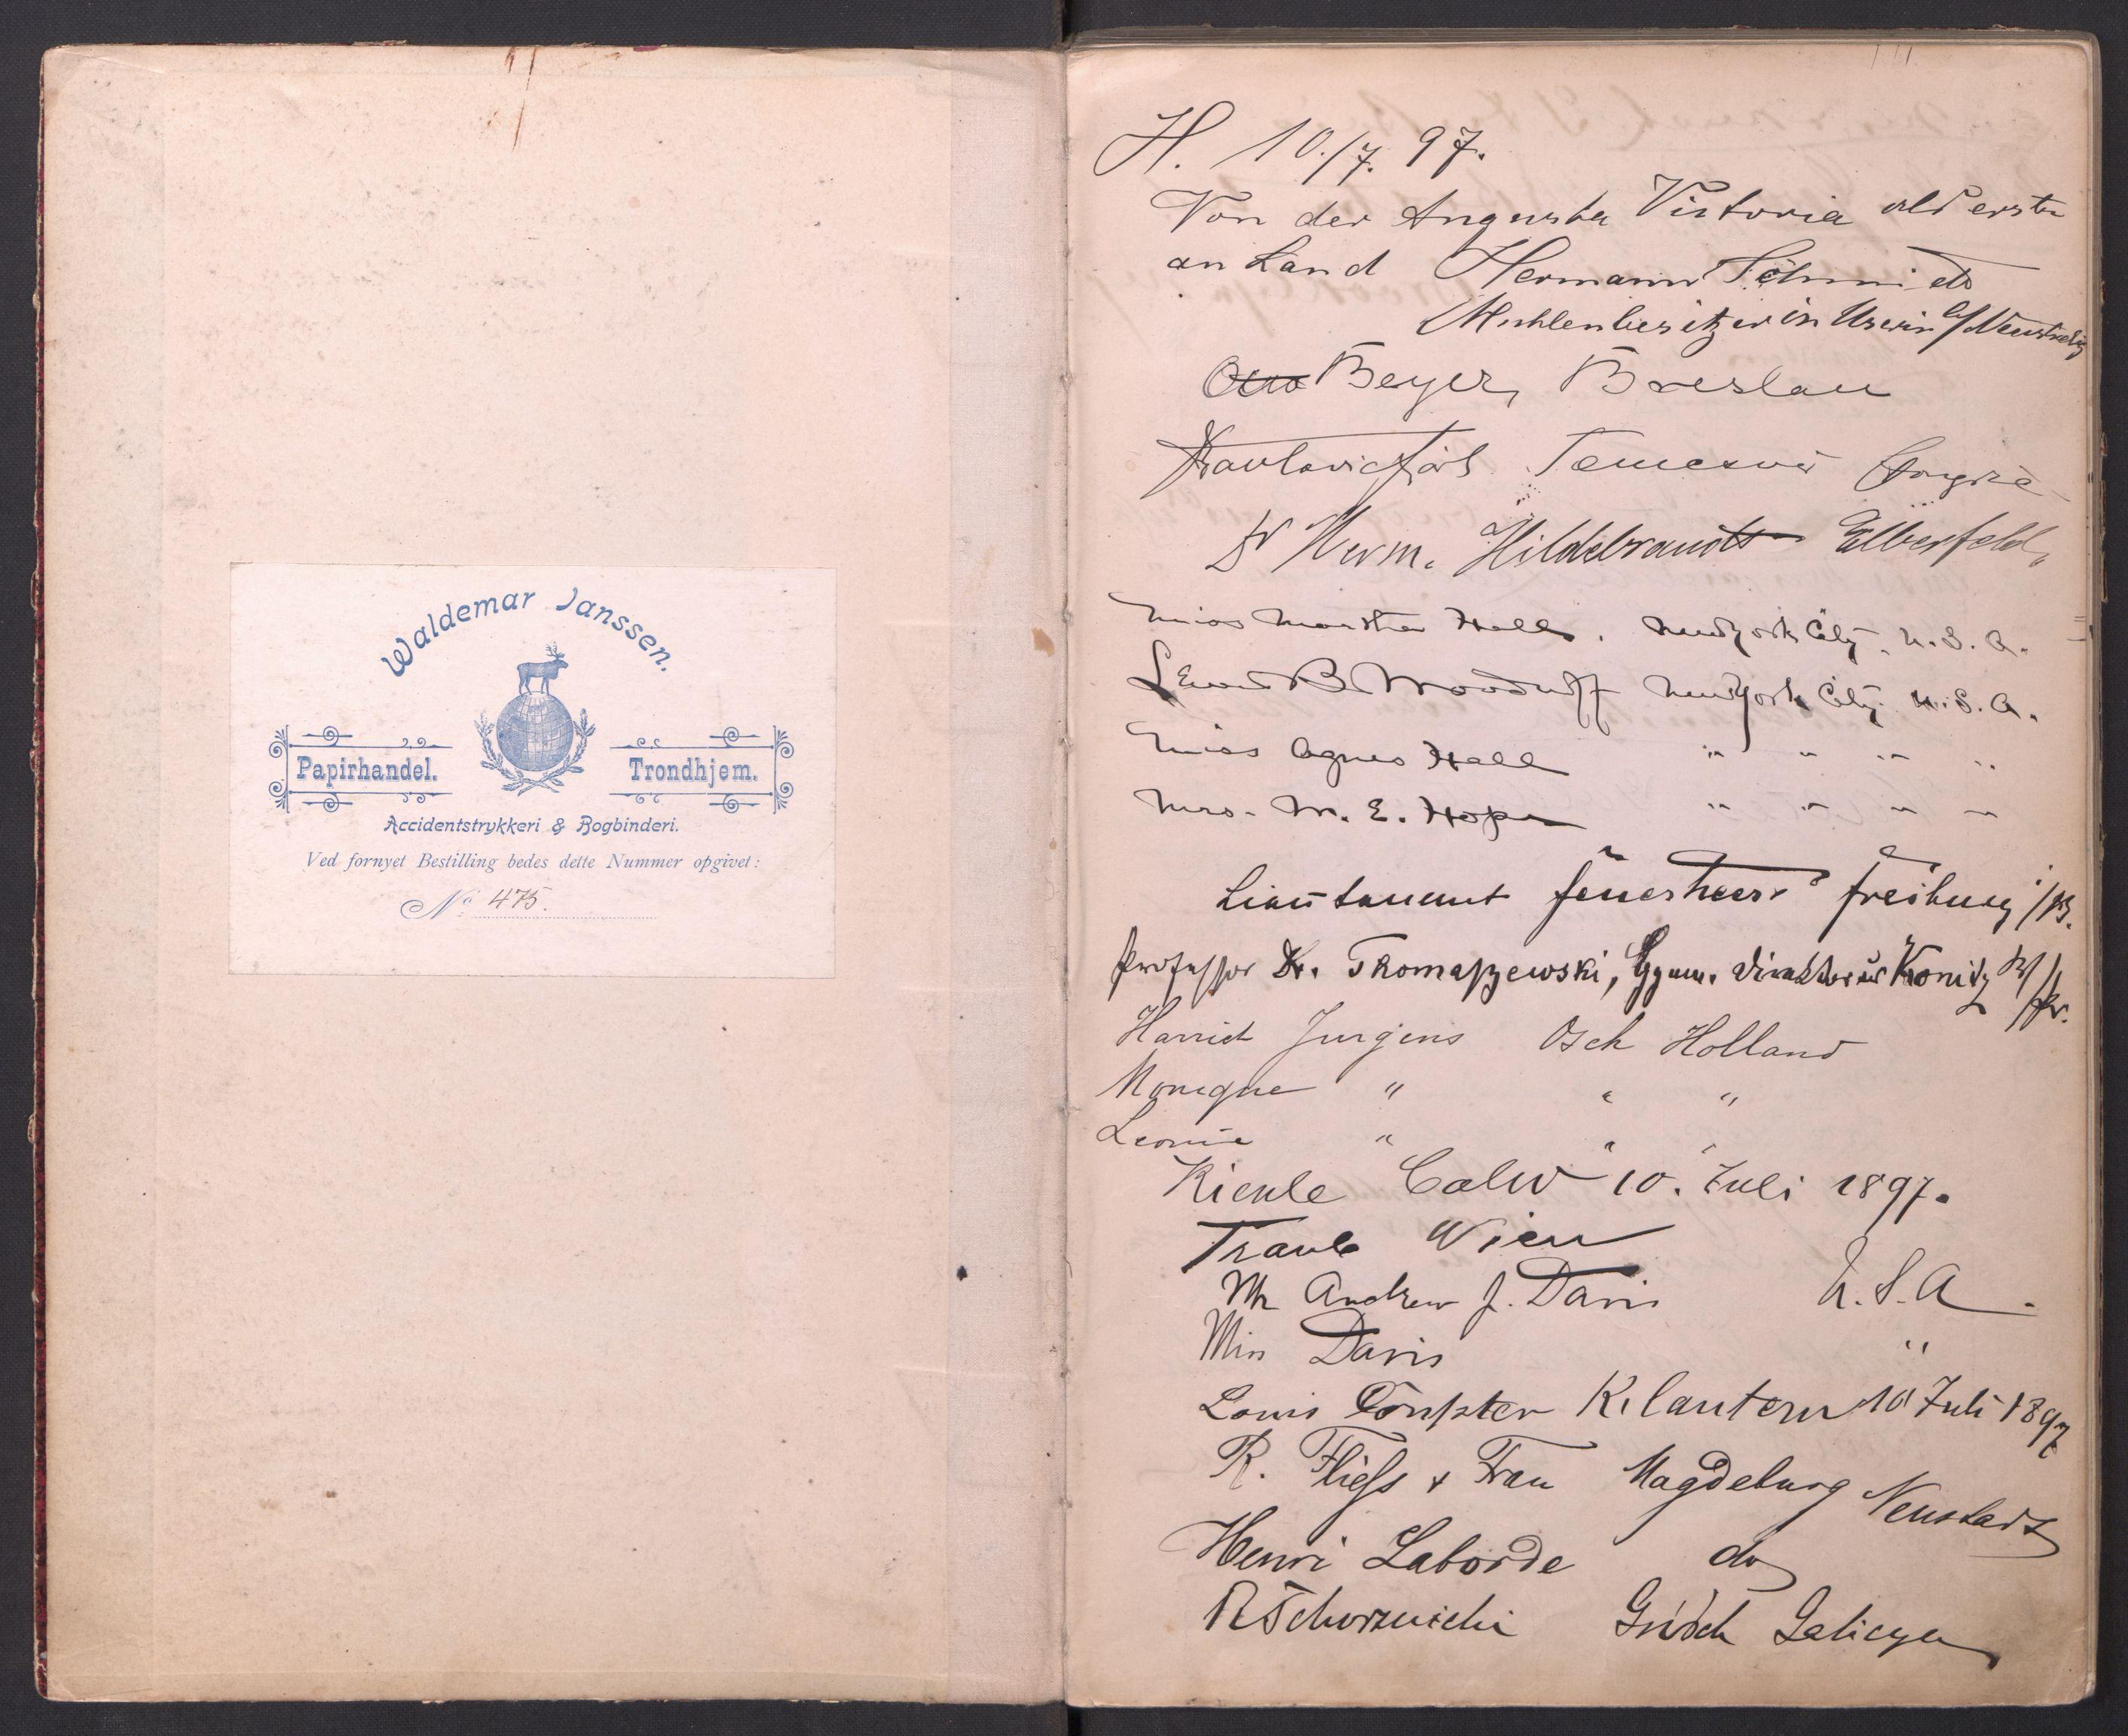 RA, Vesteraalens Dampskibsselskab, H/Hd/Hdb/L0001, 1897-1899